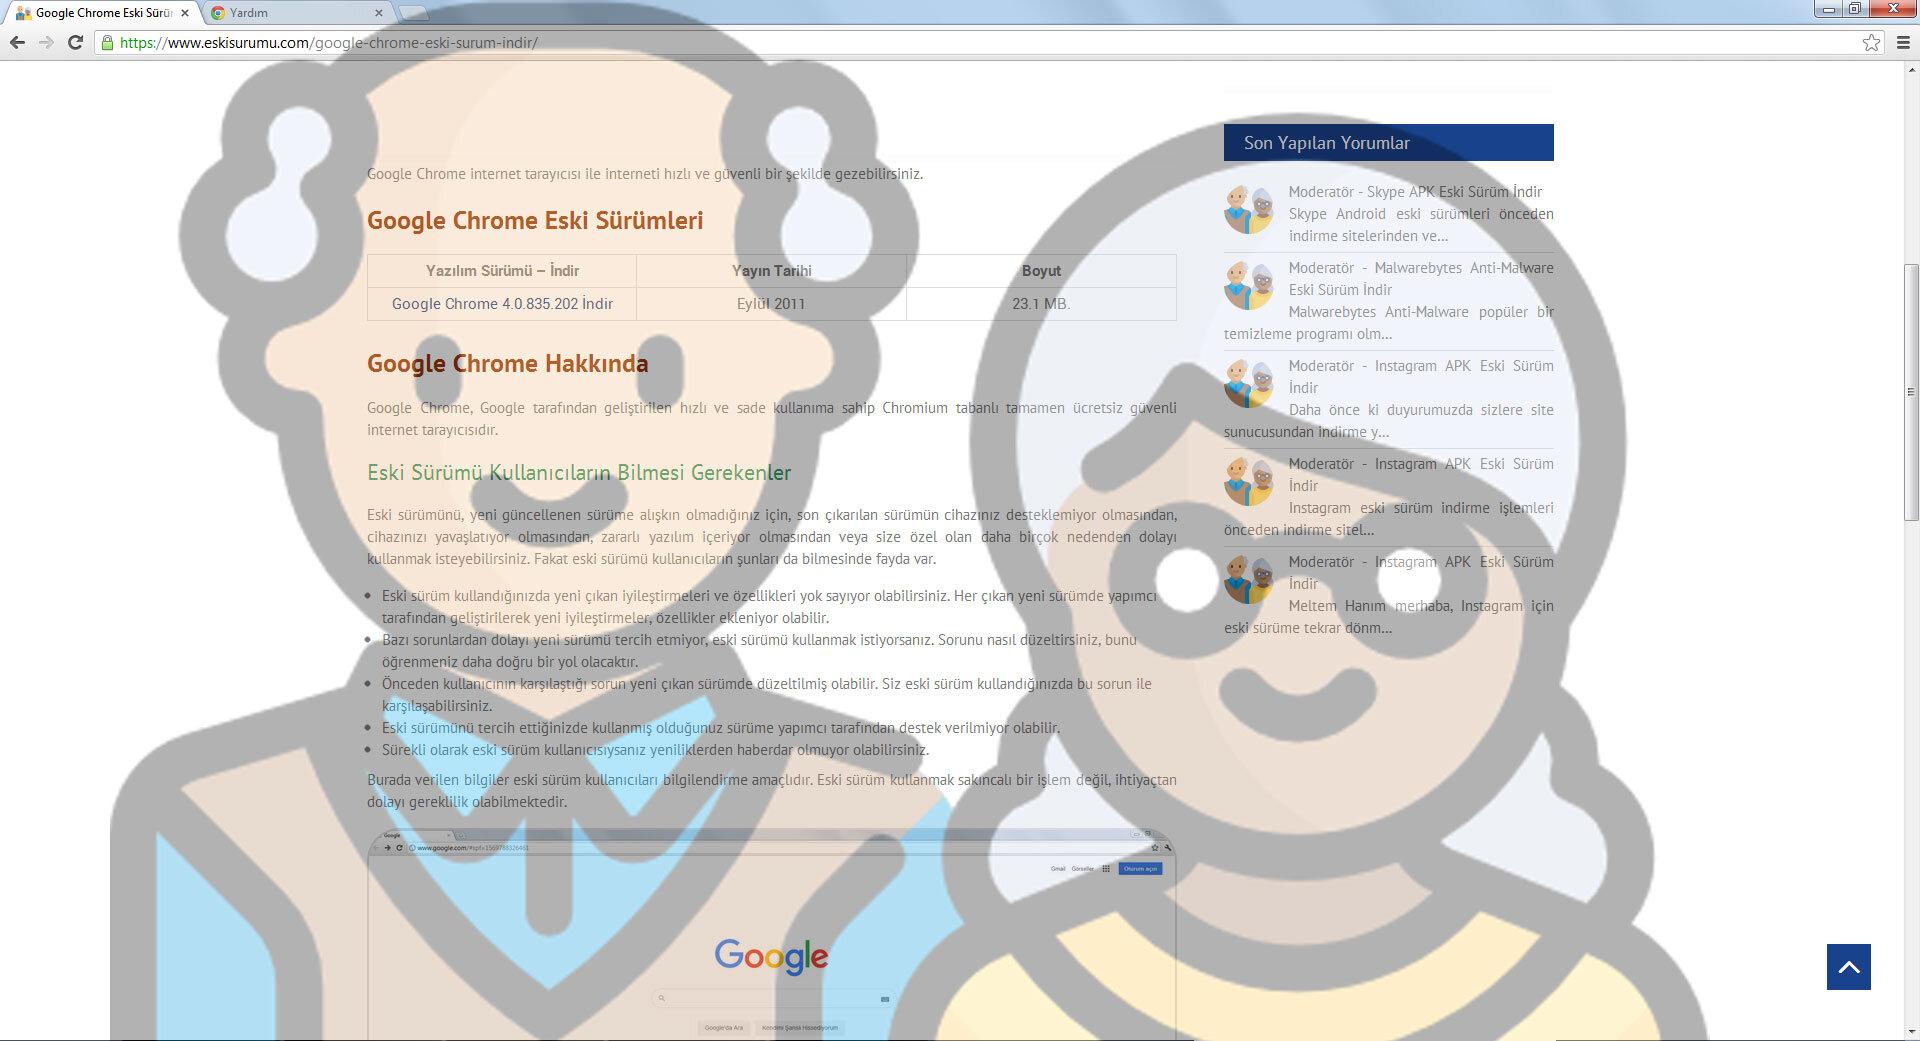 Google Chrome 24.0.1312.57